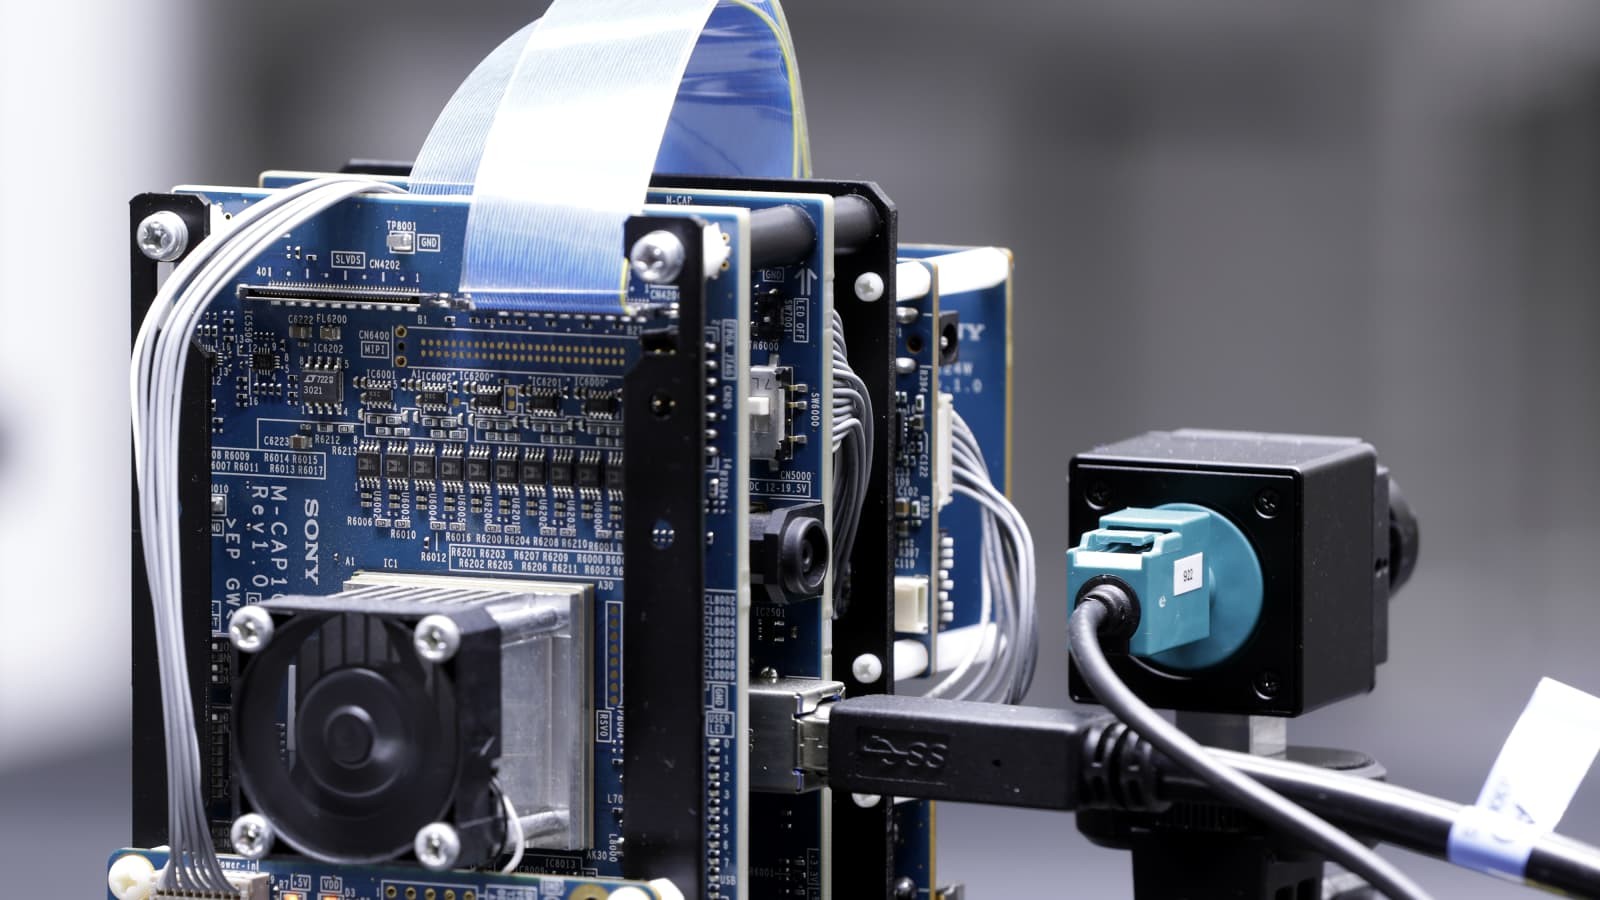 Công nghệ chip Nhật Bản: Hào quang lụi tàn nhường chỗ cho nỗi ám ảnh bị bỏ lại phía sau - Ảnh 2.